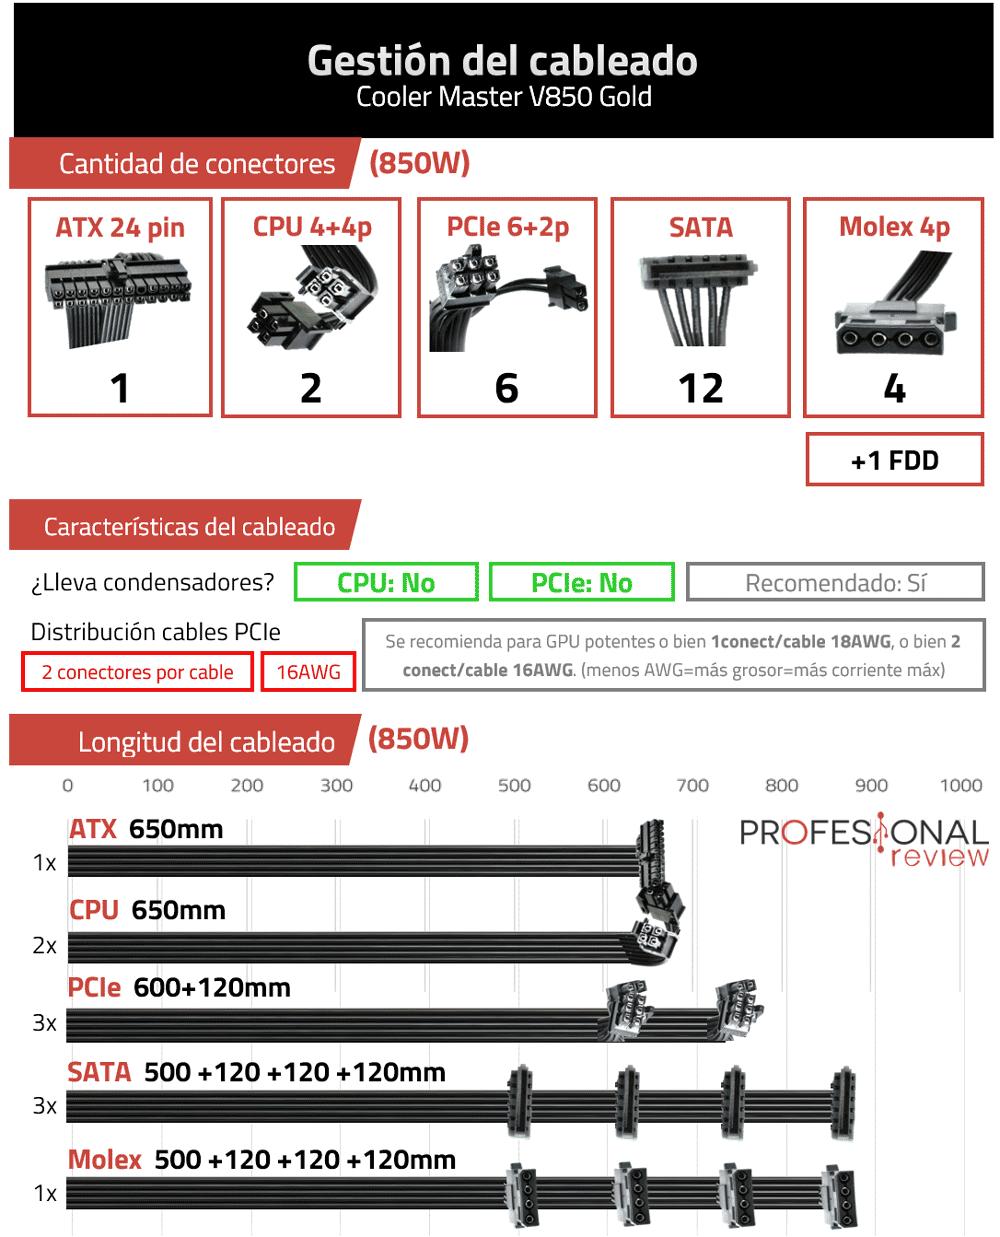 Cooler Master V850 Gold Cables